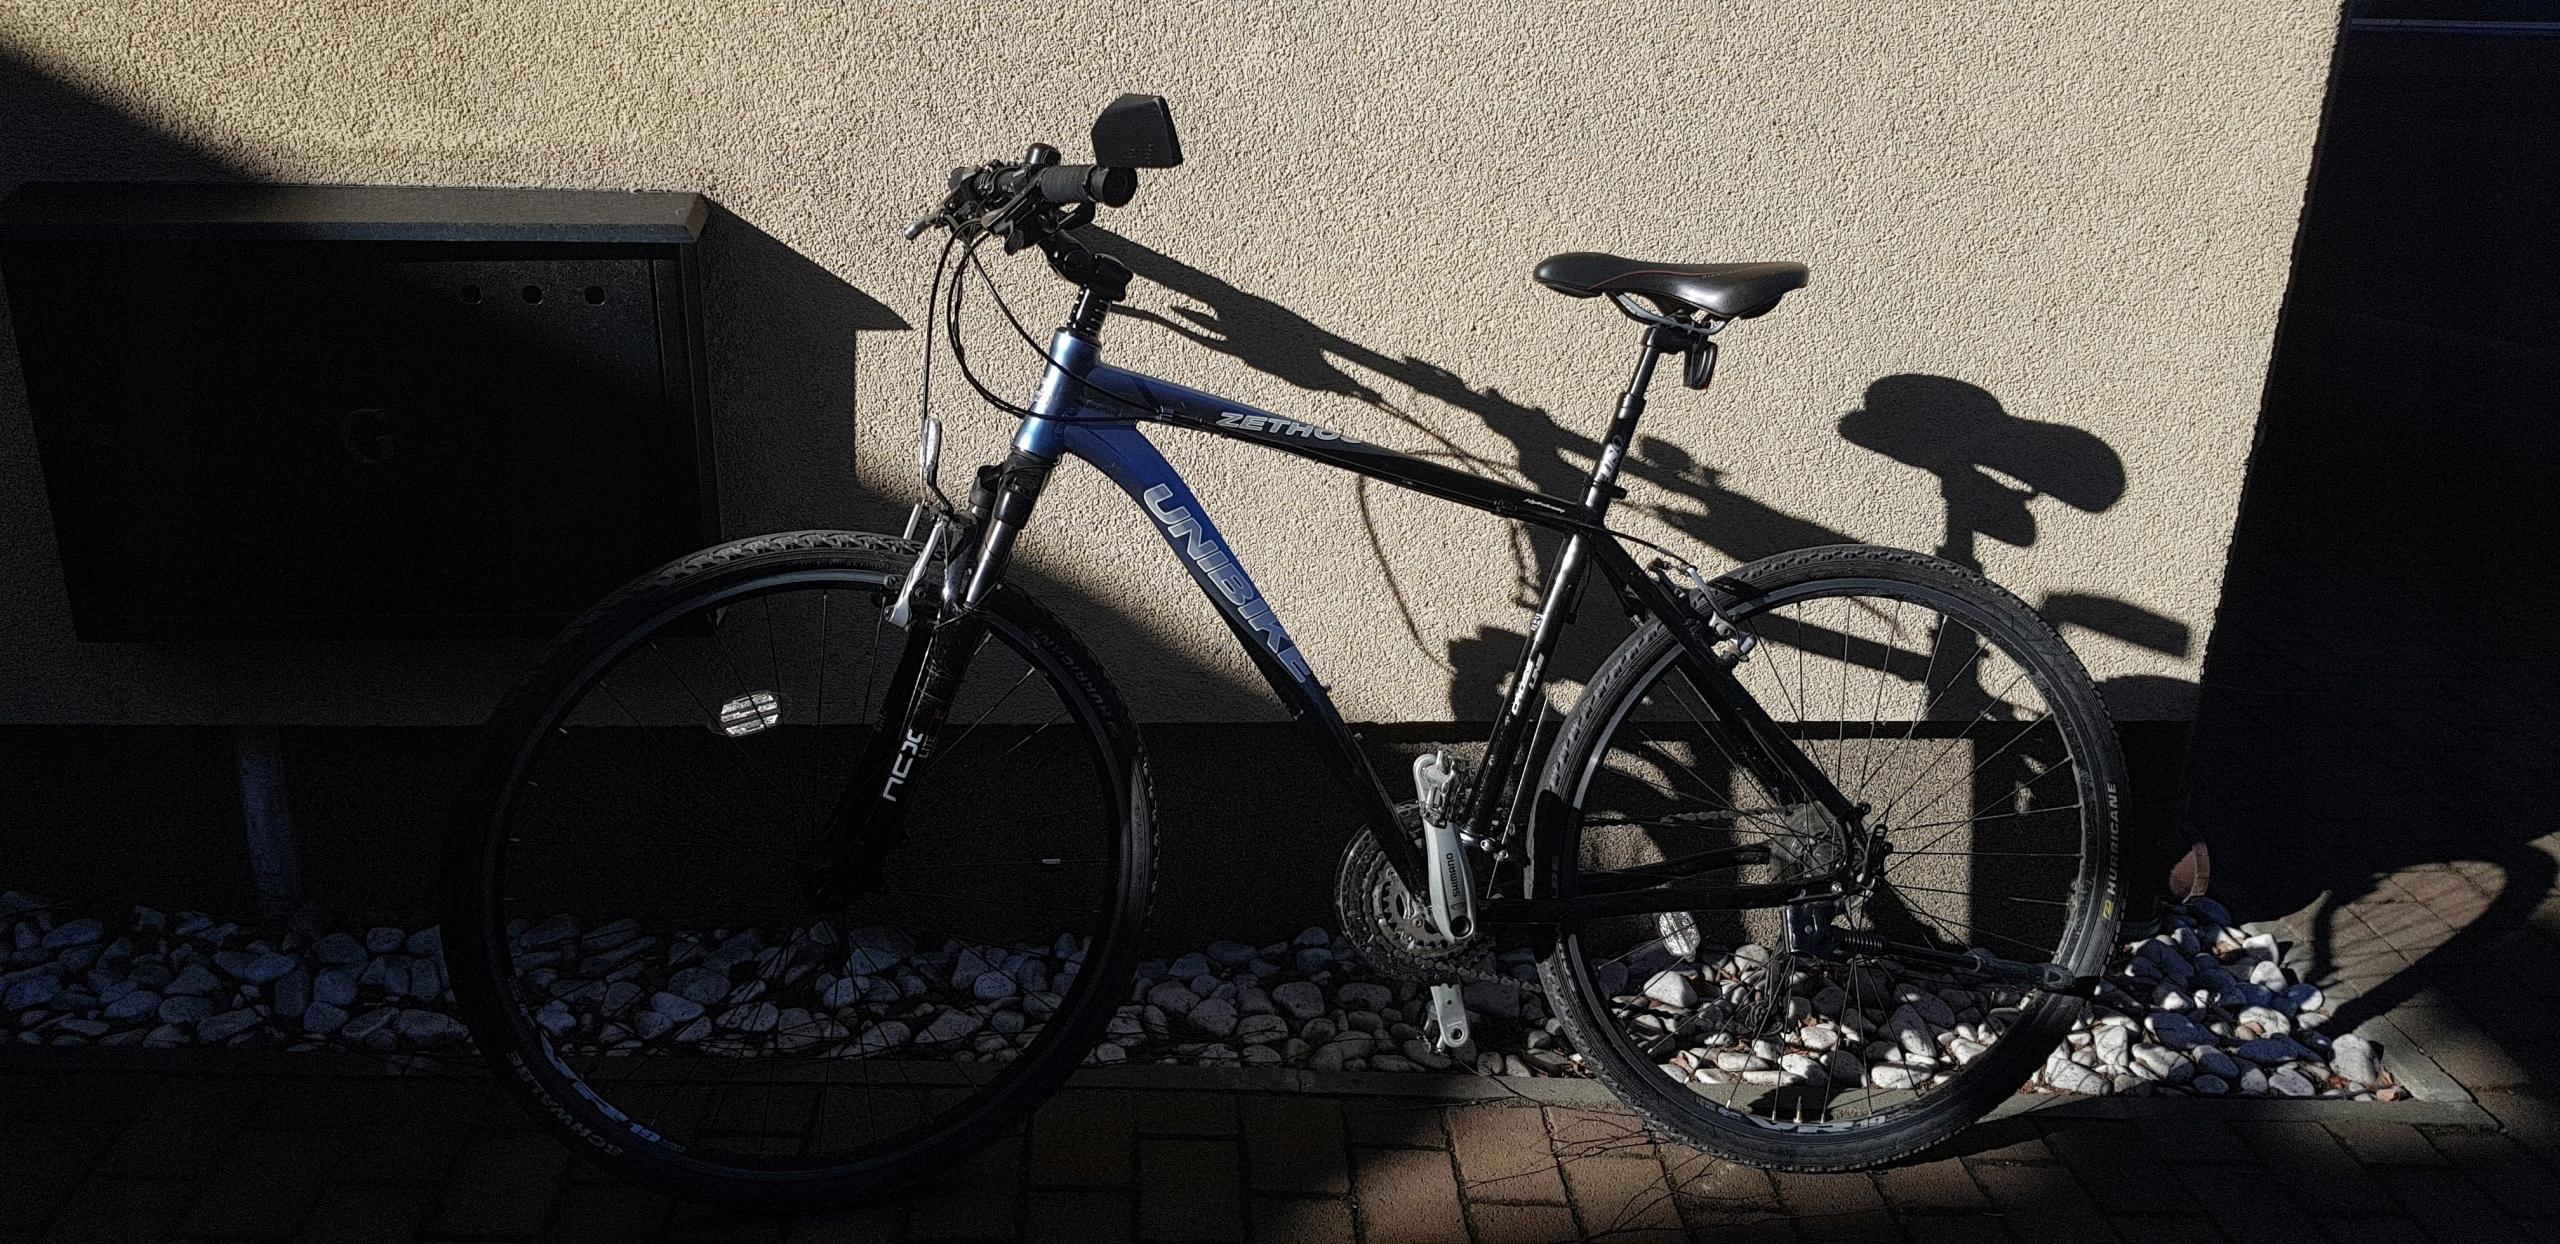 Rower Unibike Zethos 19 - Wrocław - Dobry Stan